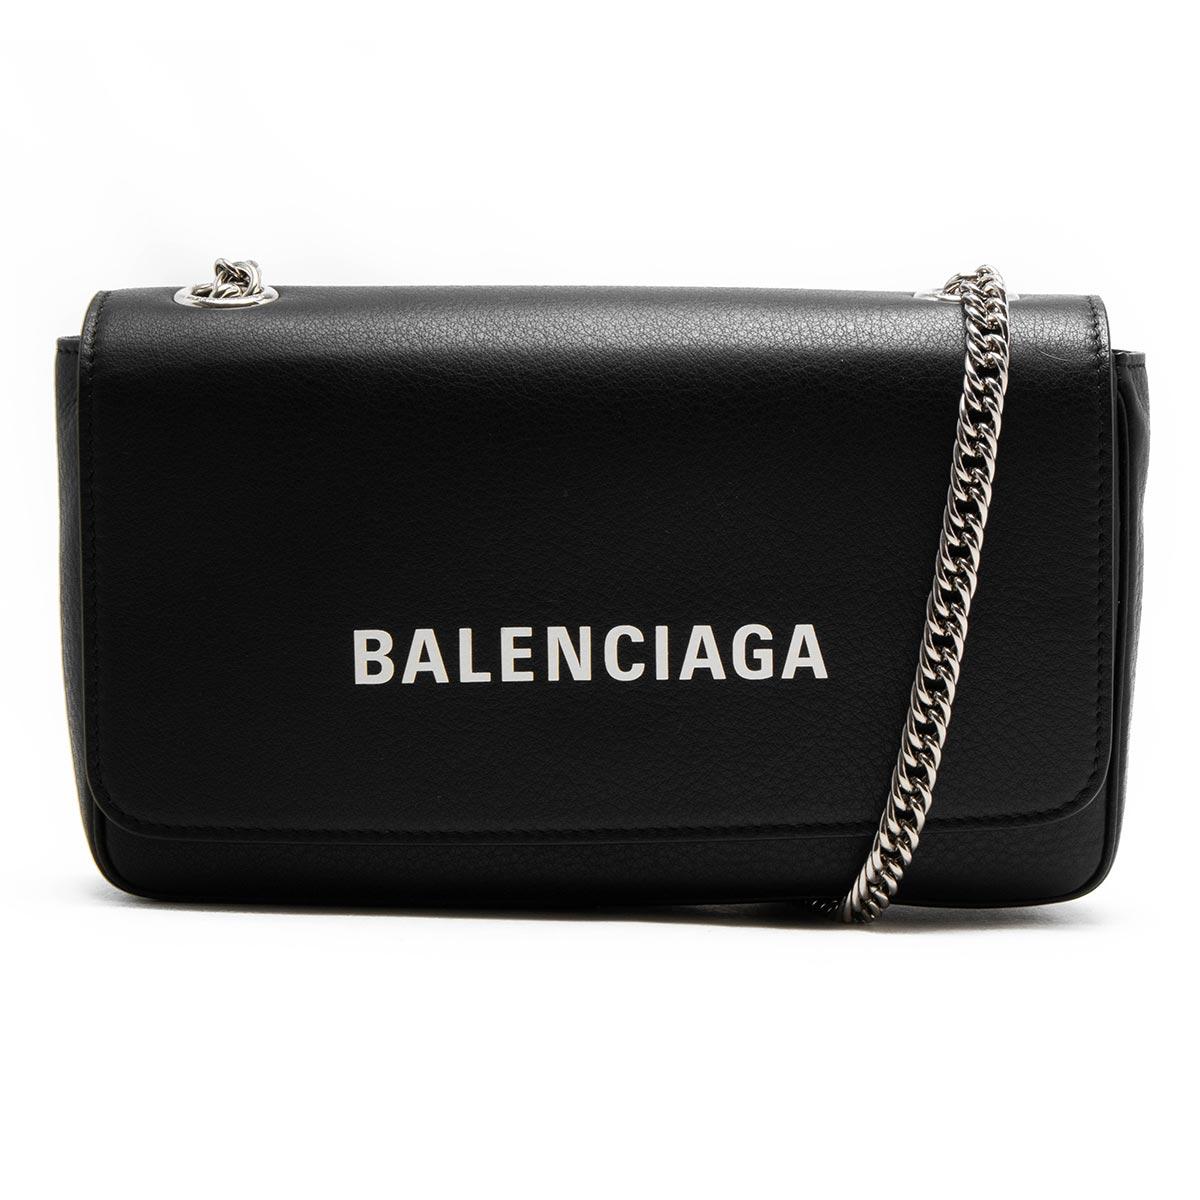 バレンシアガ ショルダーバッグ/クラッチバッグ バッグ レディース エブリディ ブラック 537387 DLQ4N 1000 BALENCIAGA